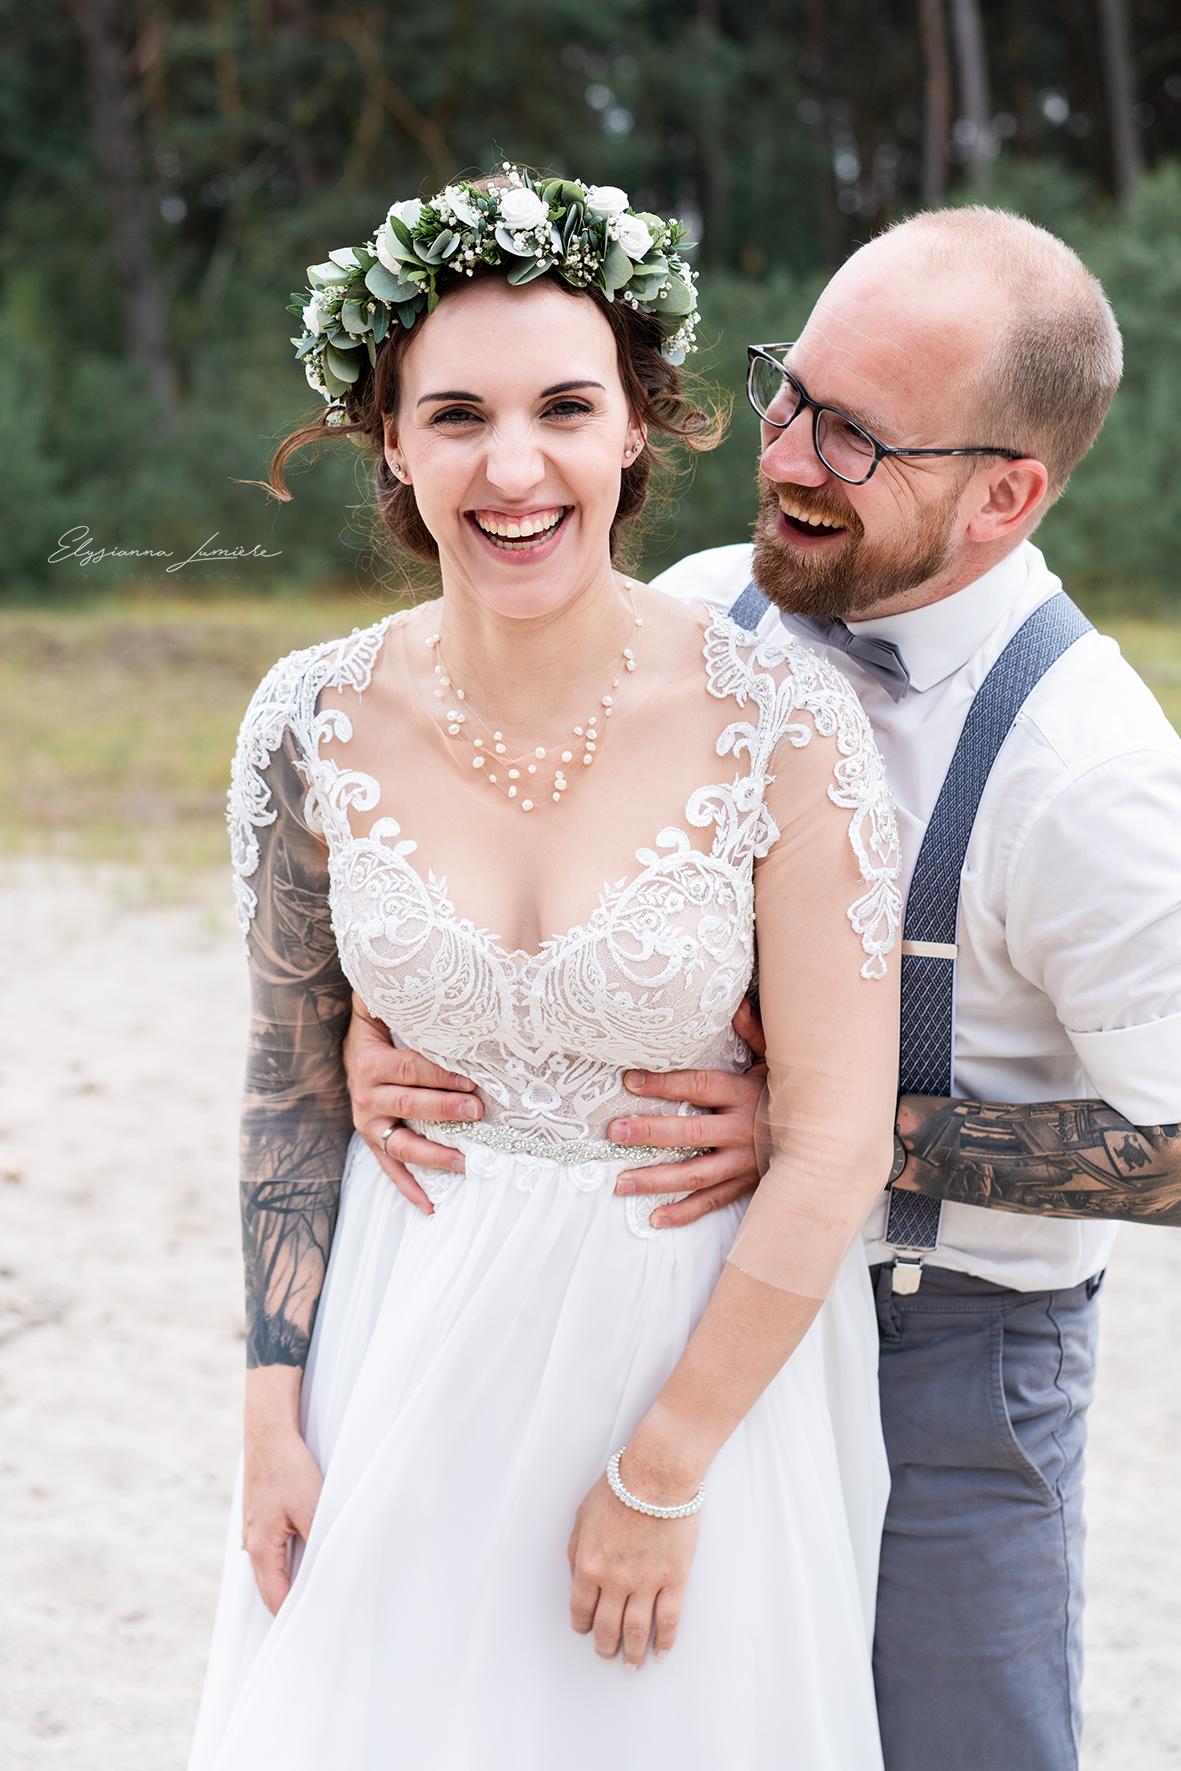 Der Bräutigam erschreckt die lachende Braut